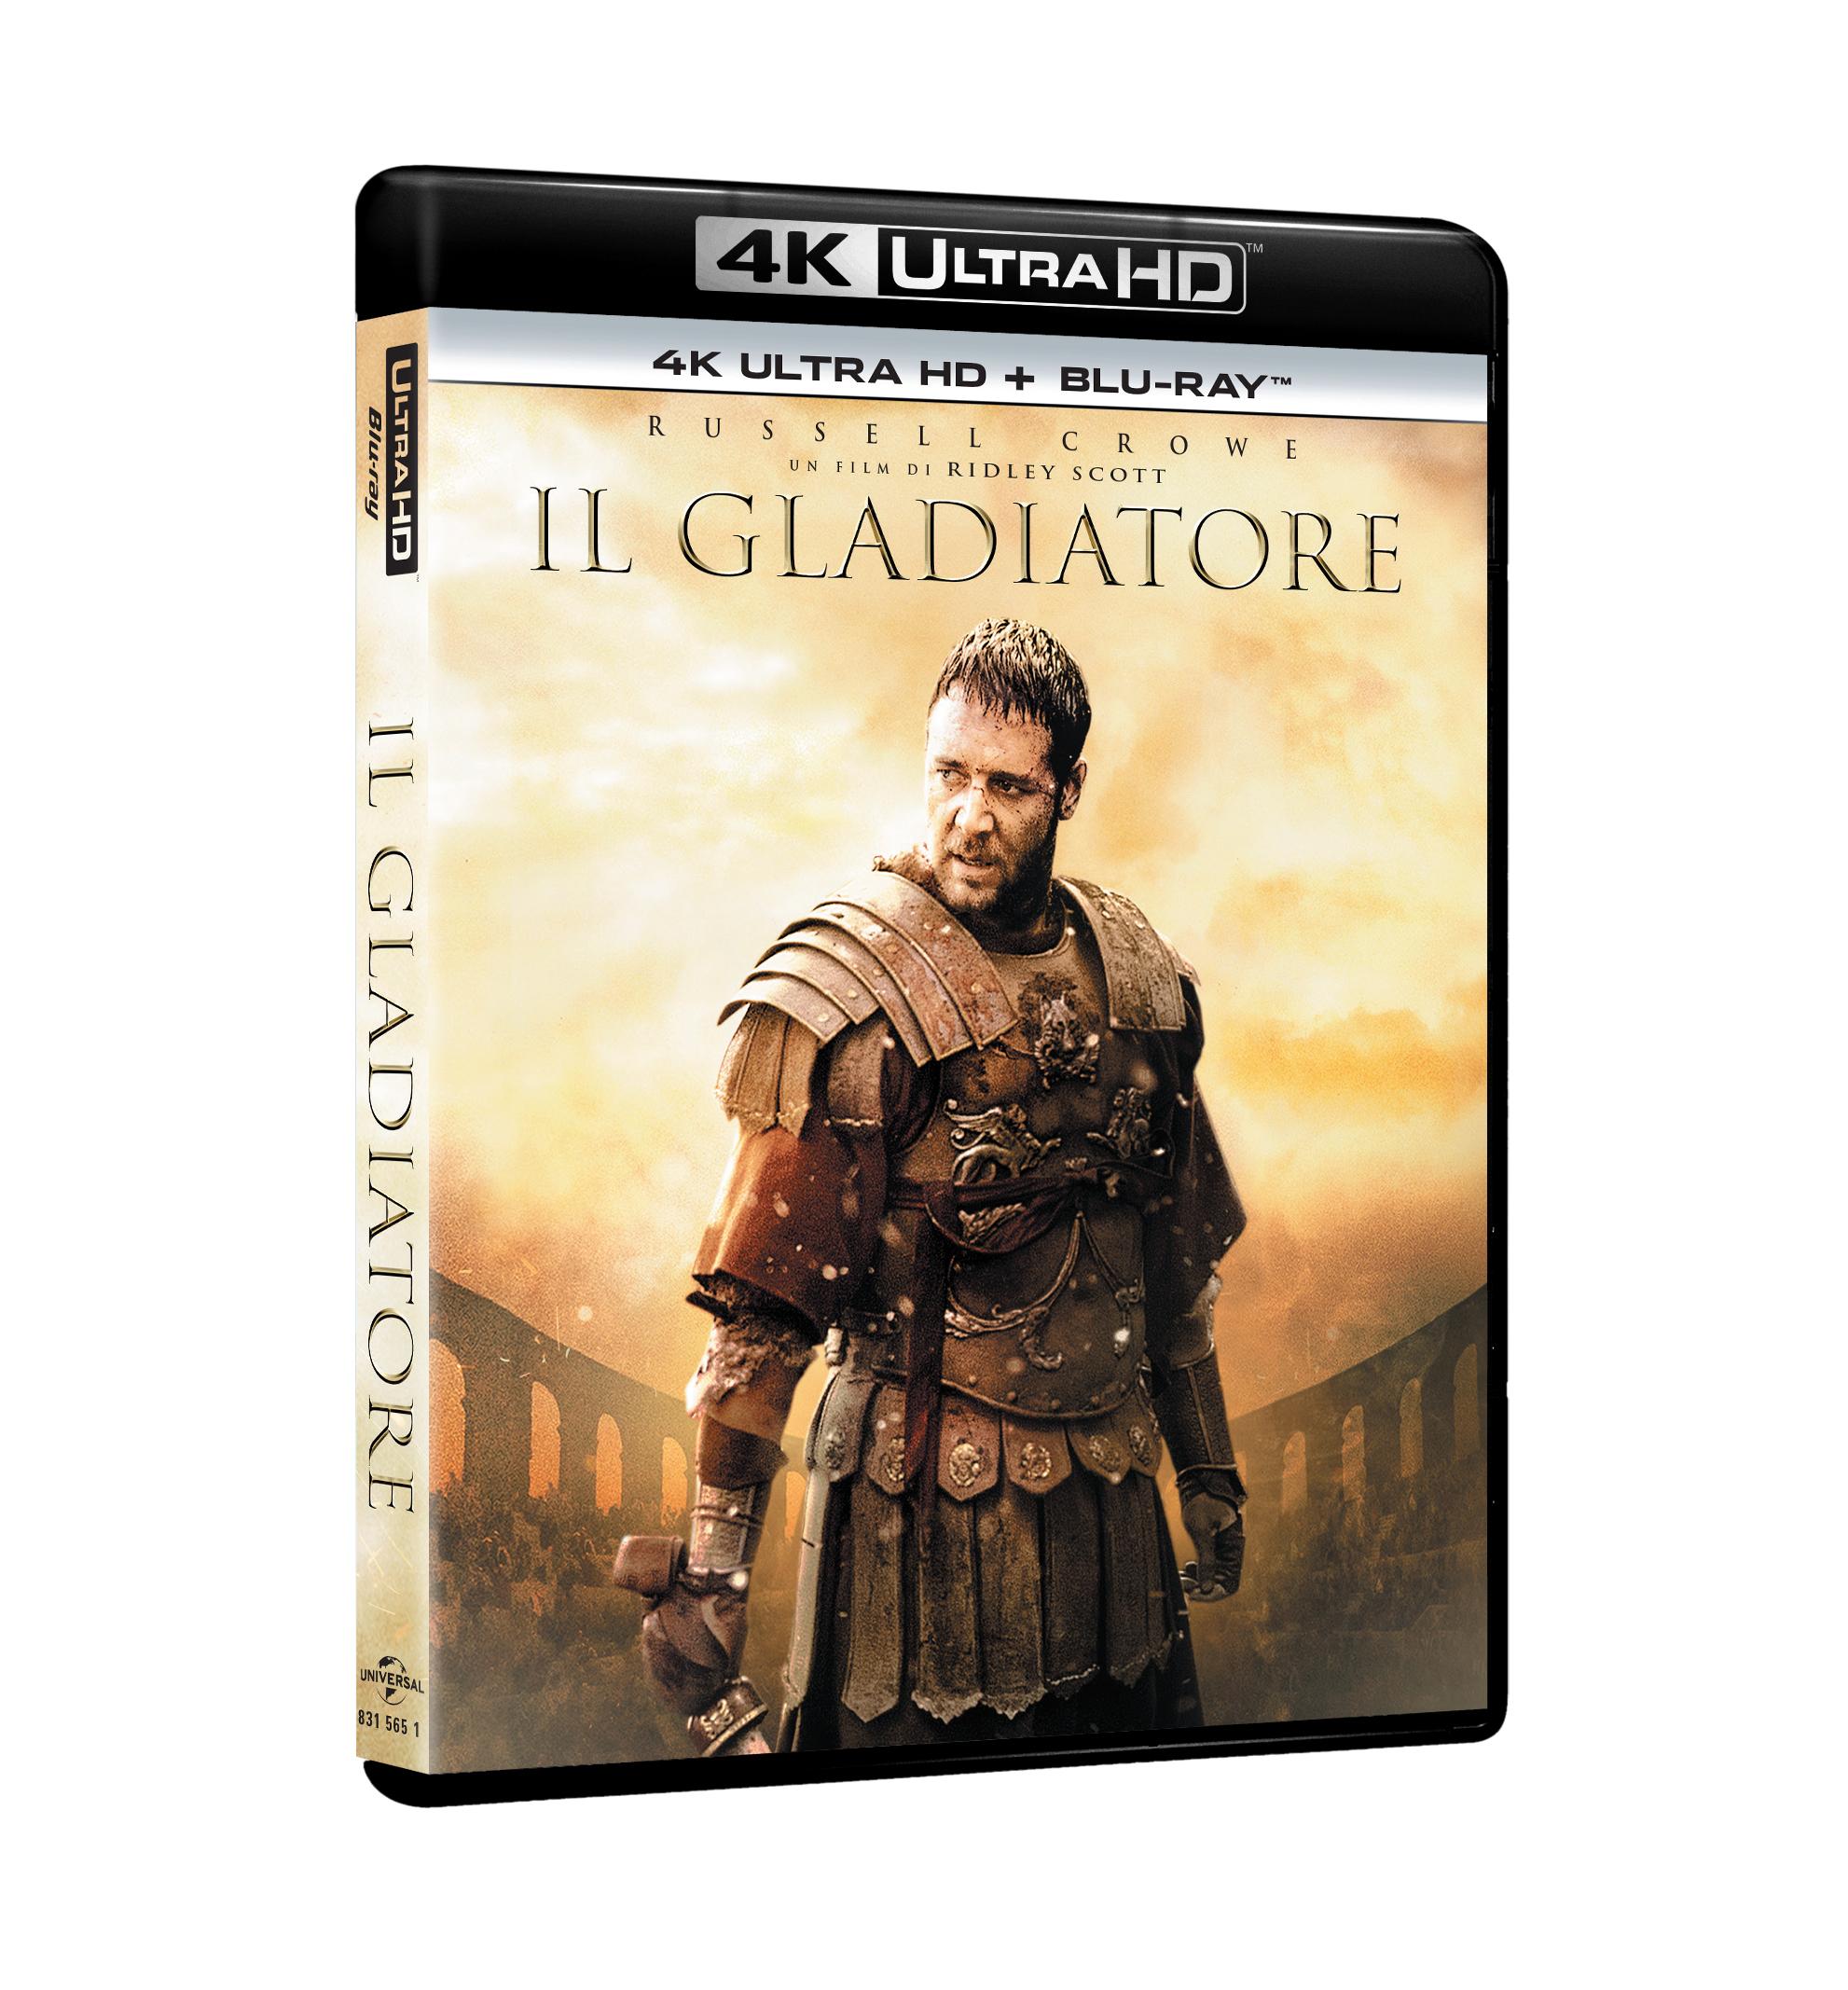 Gladiator_Ita_UHD_Ret_8315651-40_3D